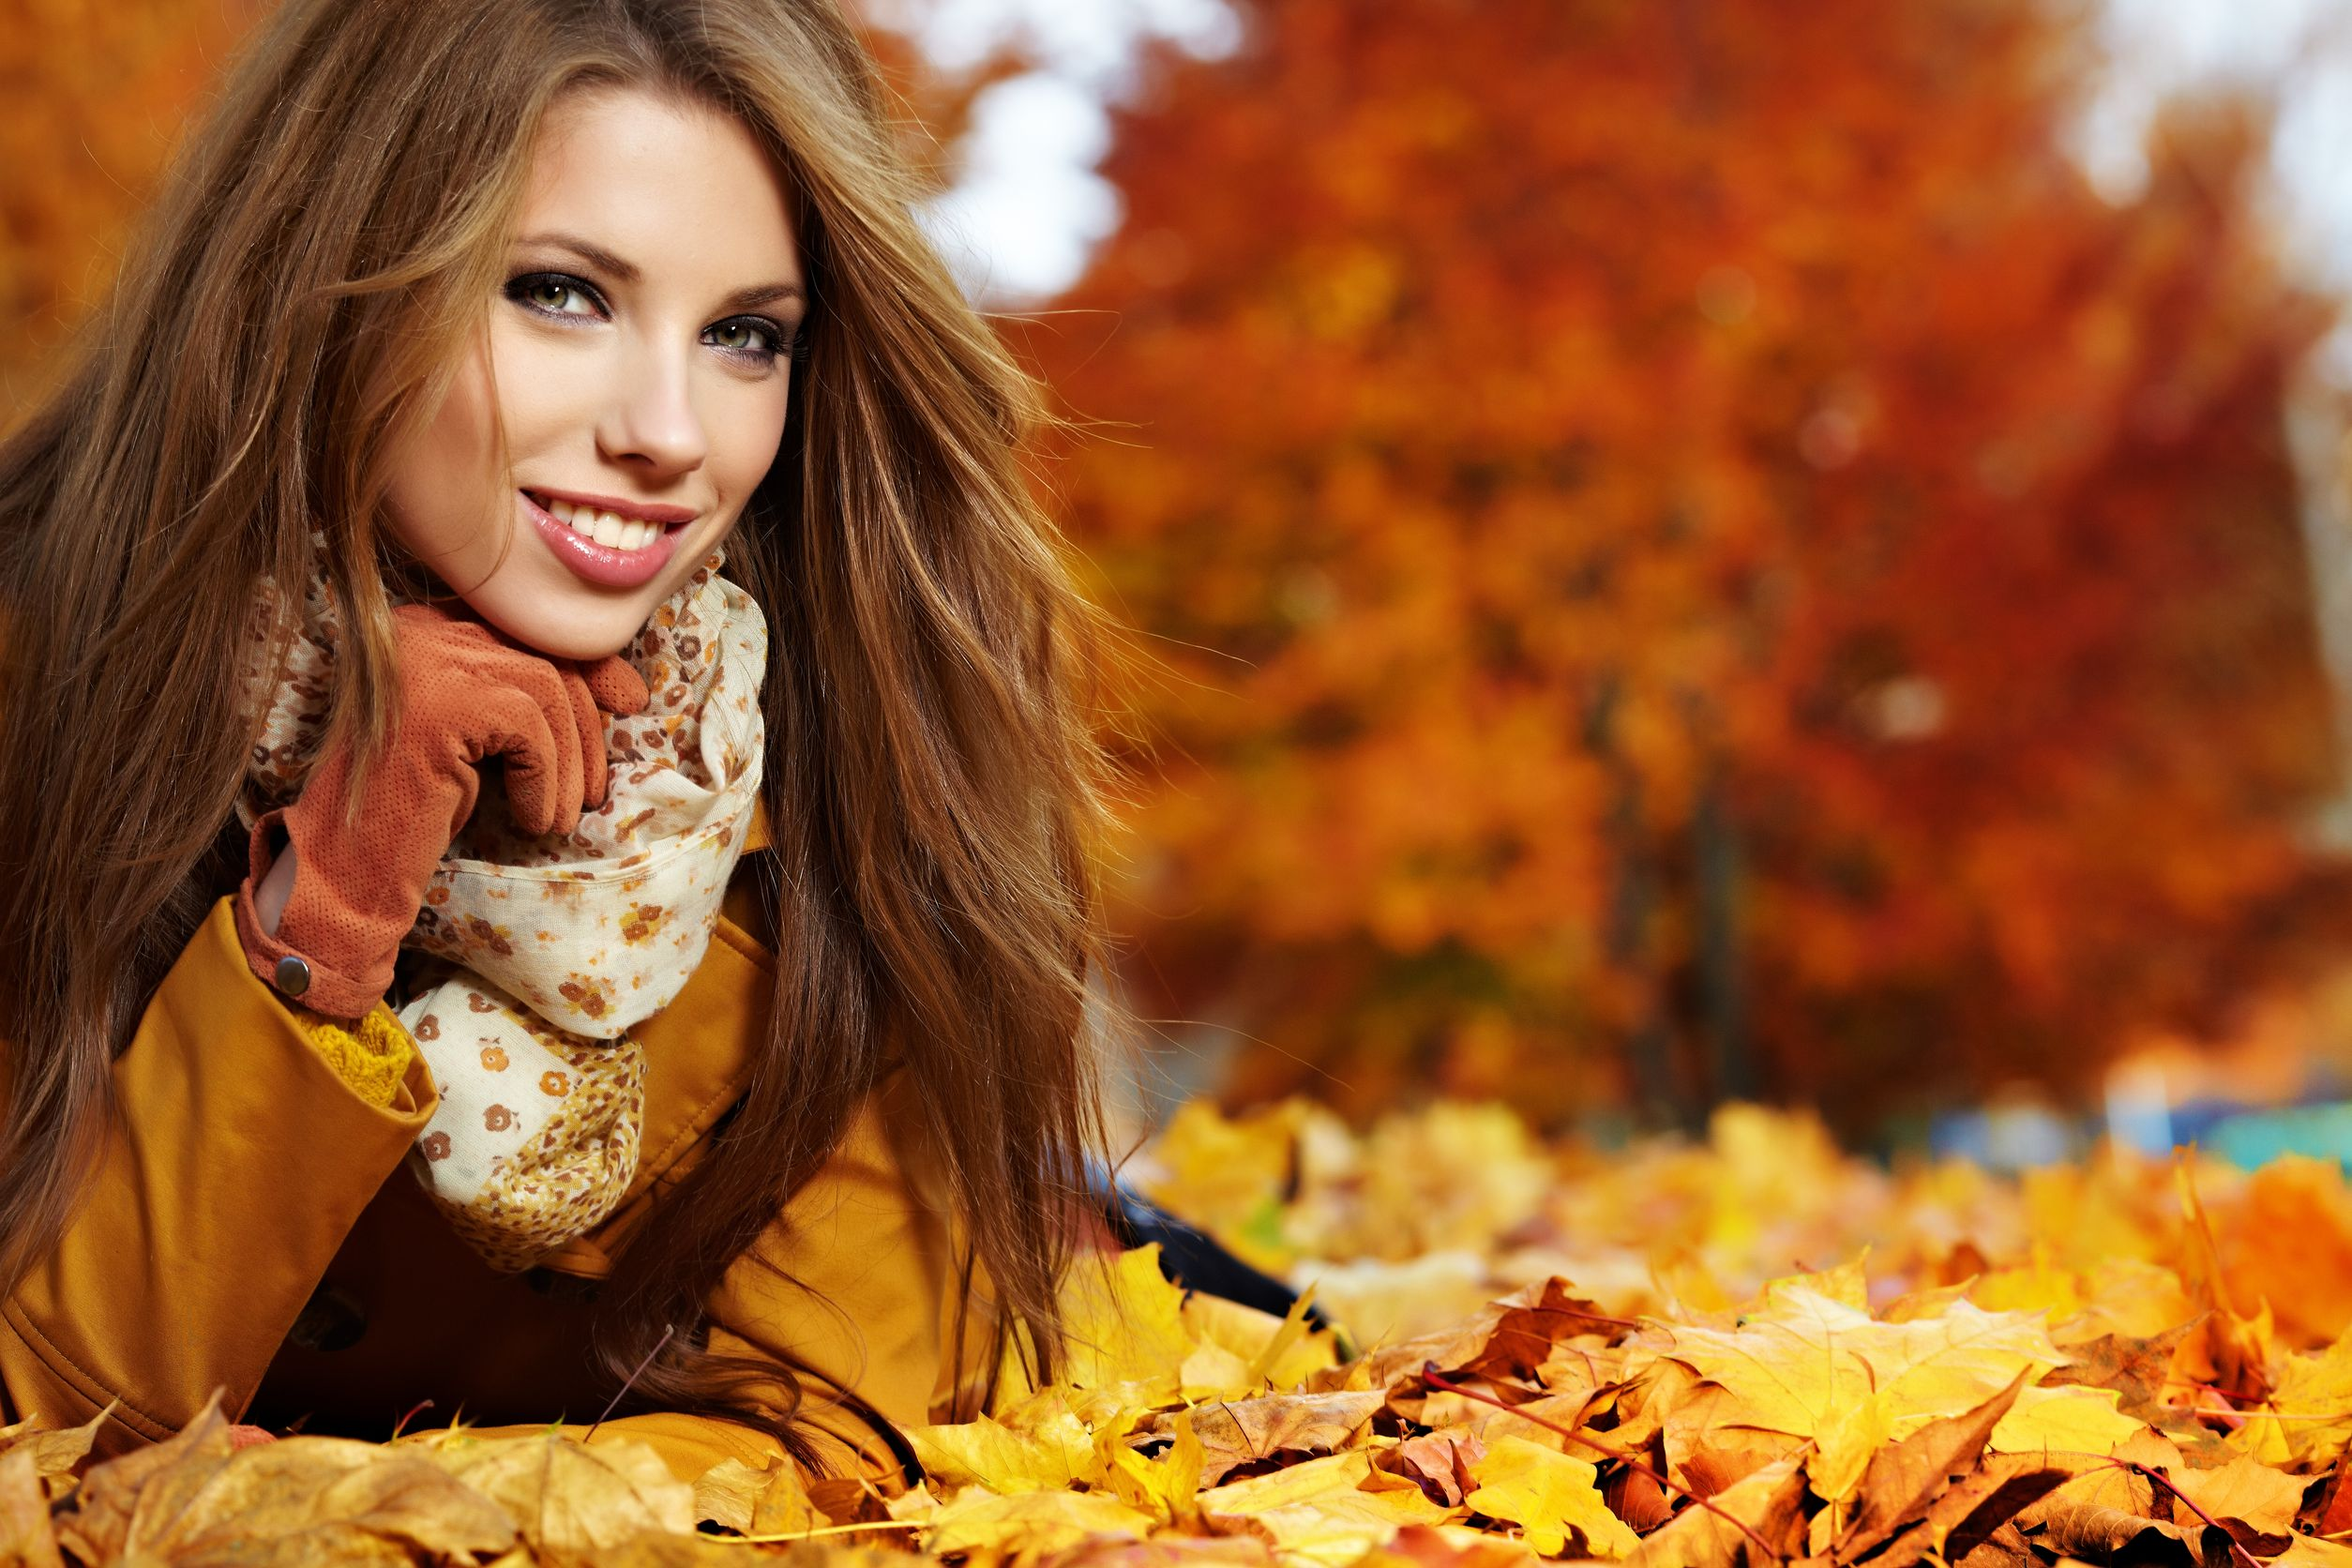 14692496 - young woman portrait  in autumn park